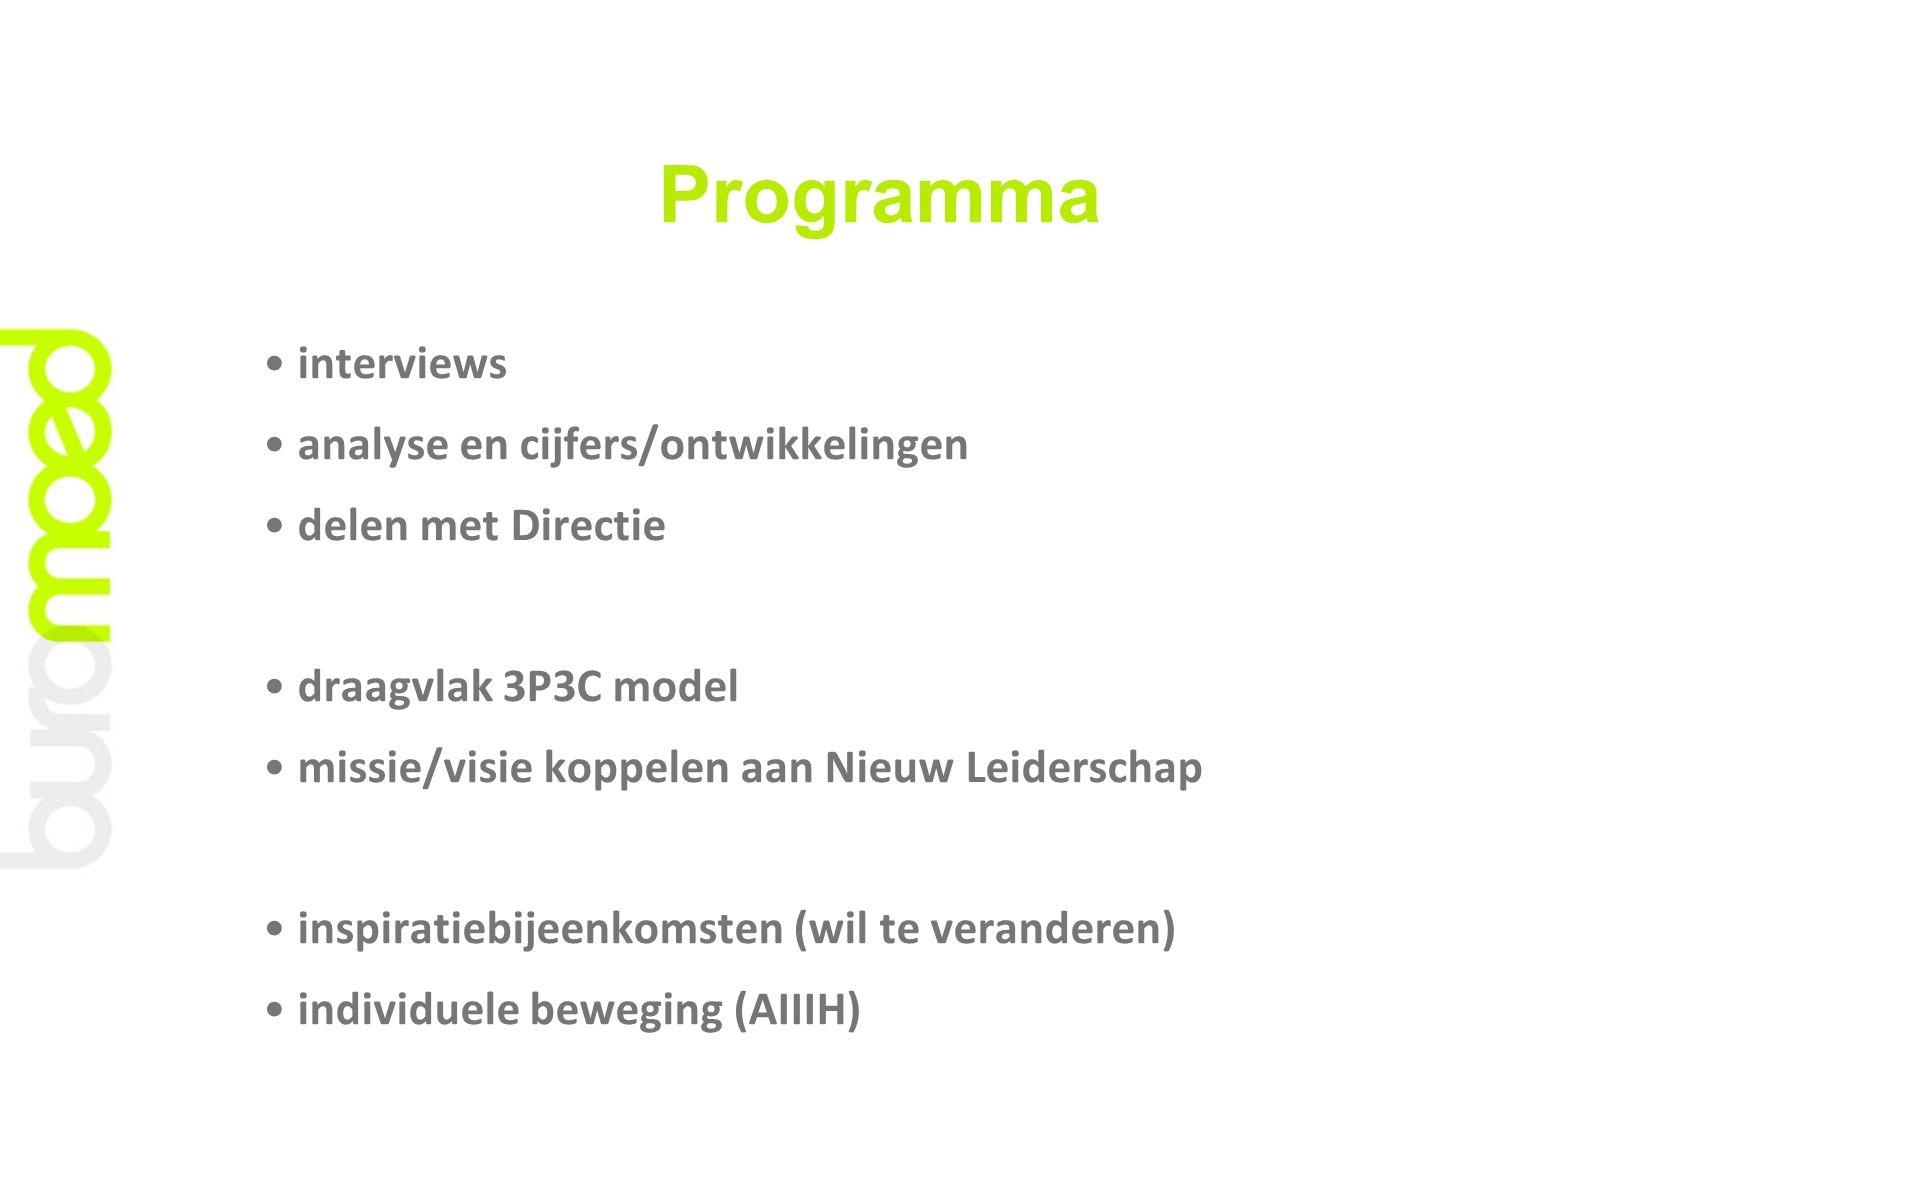 Programma interviews analyse en cijfers/ontwikkelingen delen met Directie draagvlak 3P3C model missie/visie koppelen aan Nieuw Leiderschap inspiratieb